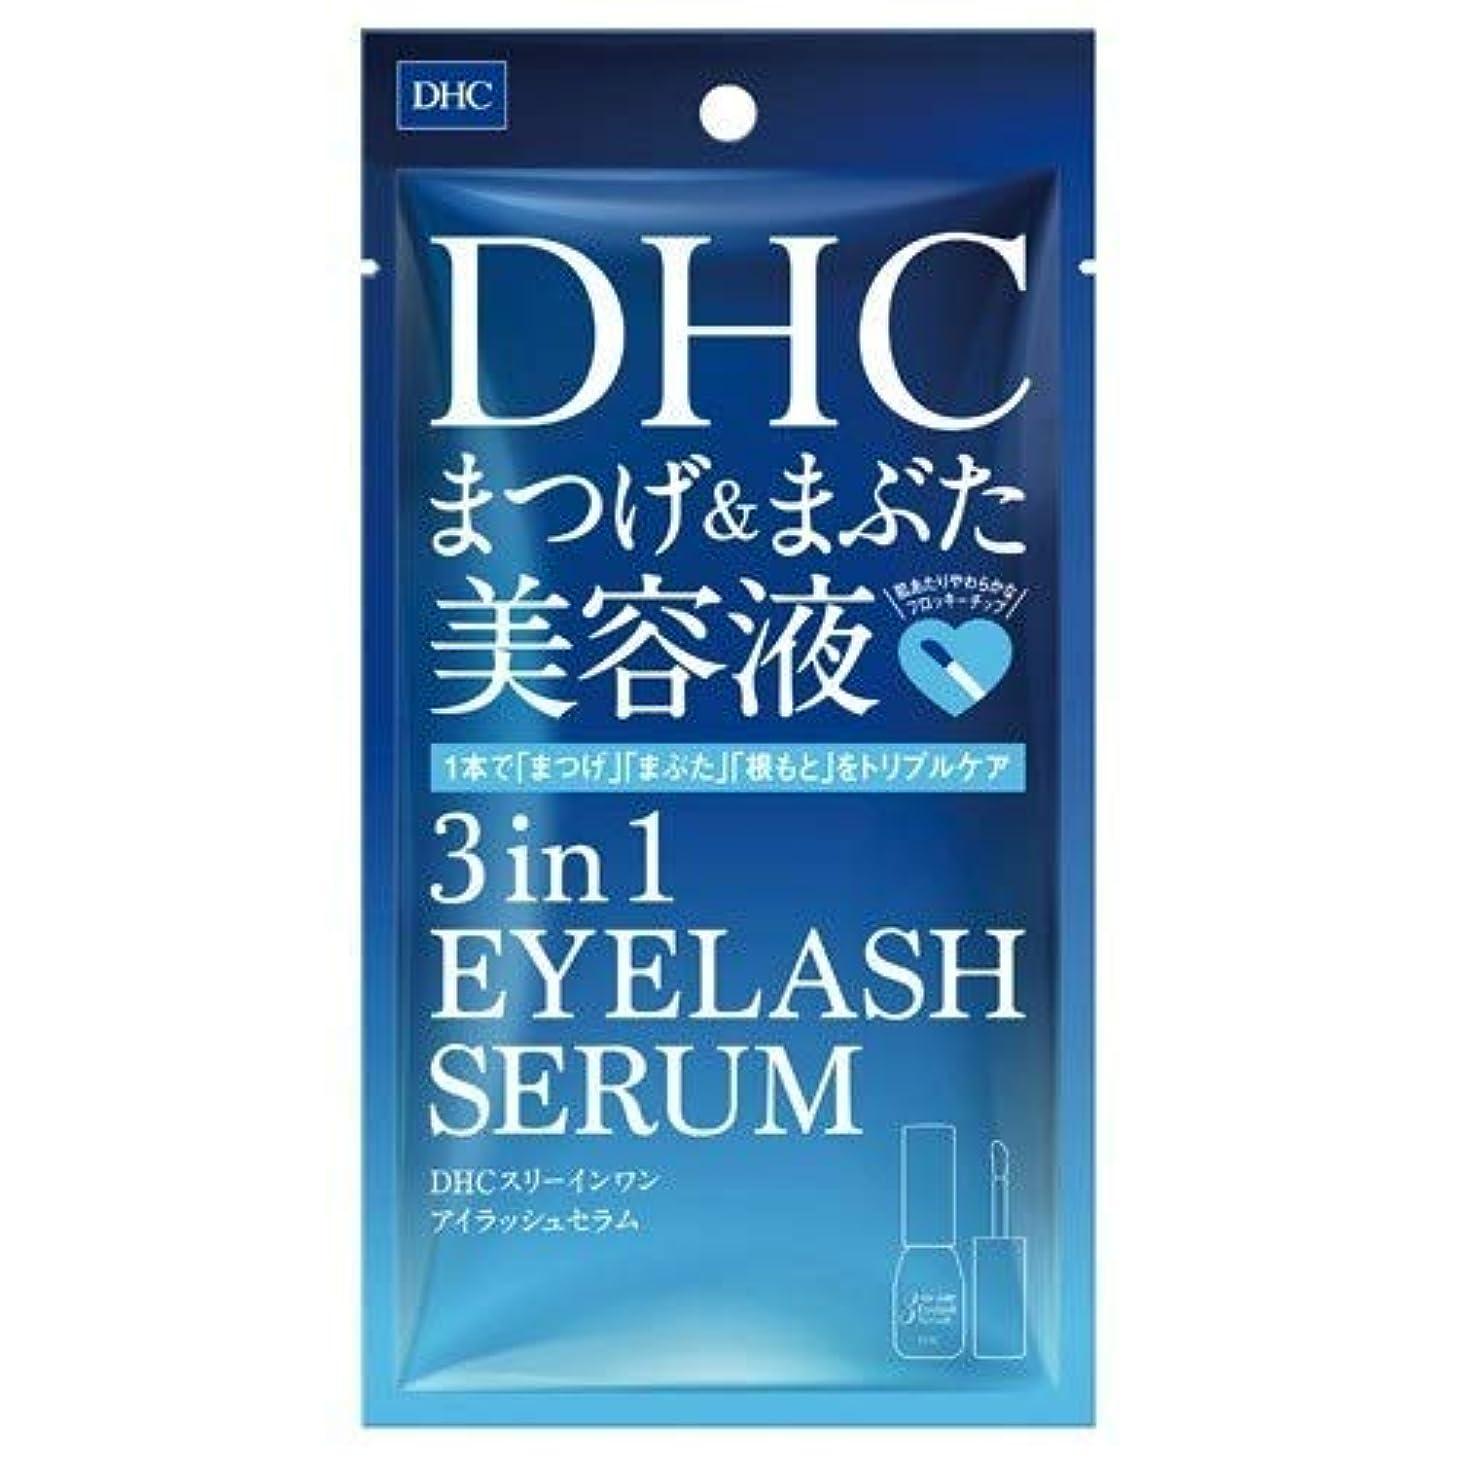 大理石以降グッゲンハイム美術館DHC スリーインワンアイラッシュセラム 9ml まつげ&まぶた美容液